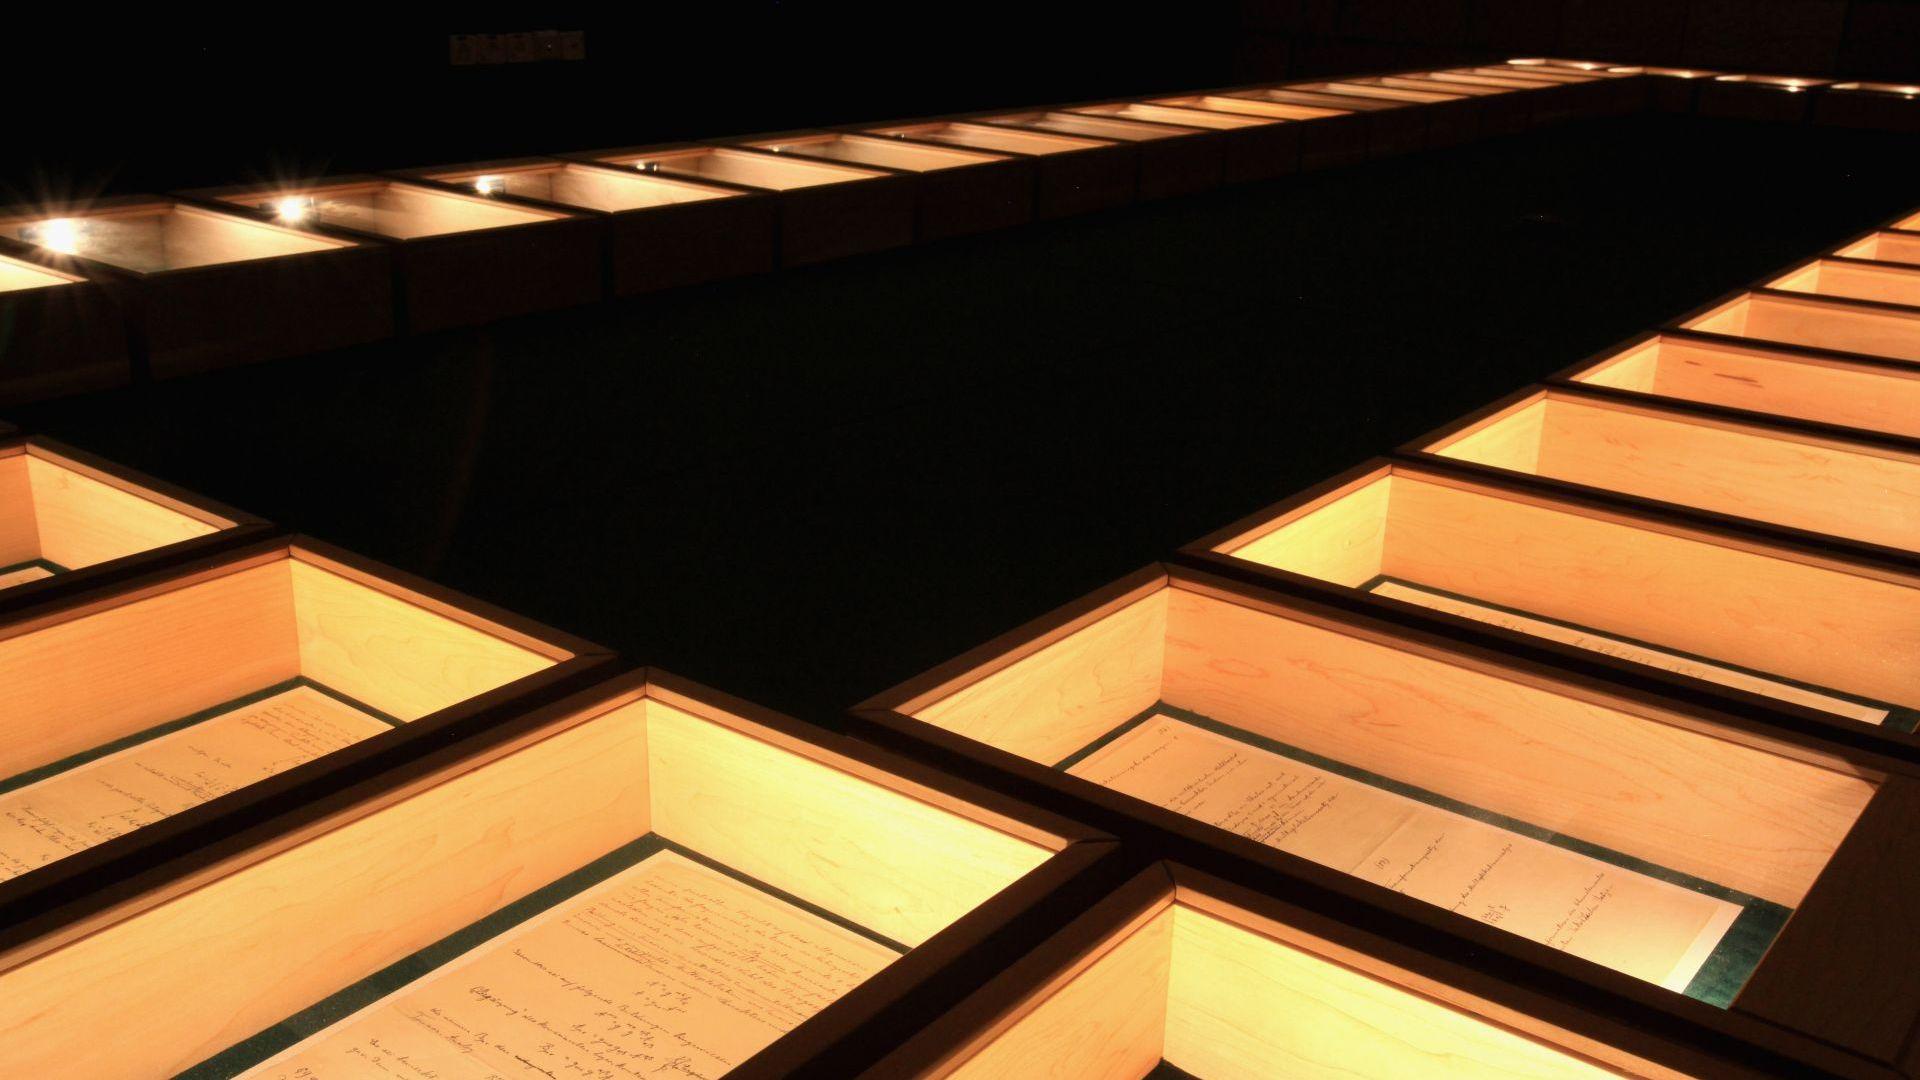 Оригиналът на Обща теория на относителността се съхранява в музей в Израел